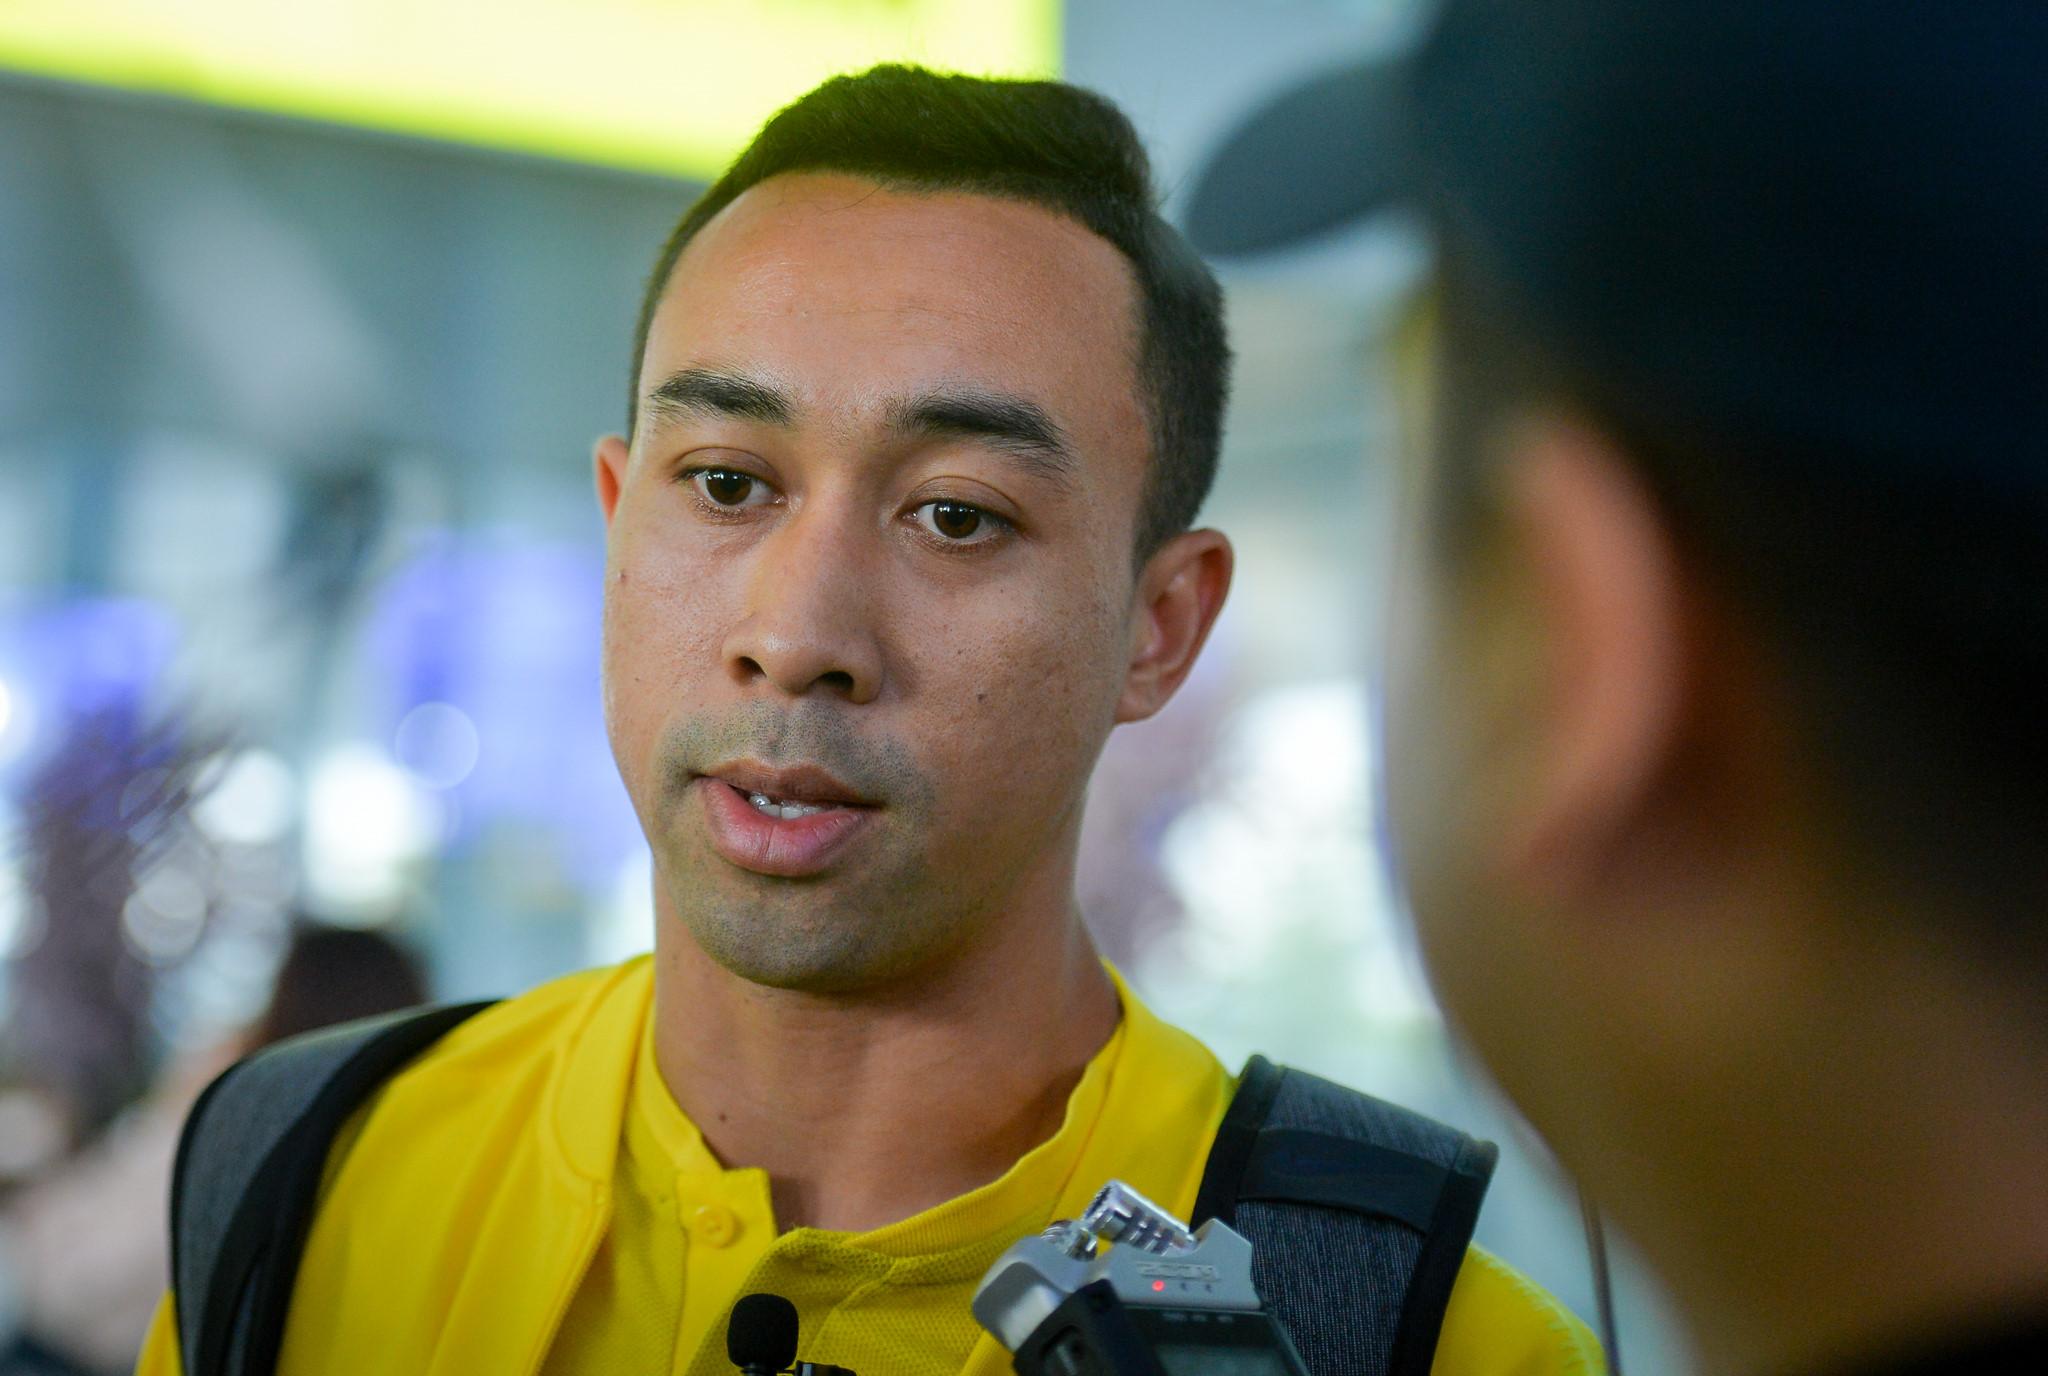 Xe buýt chở đội Malaysia bỏ quên người ở sân bay Nội Bài Ảnh 7